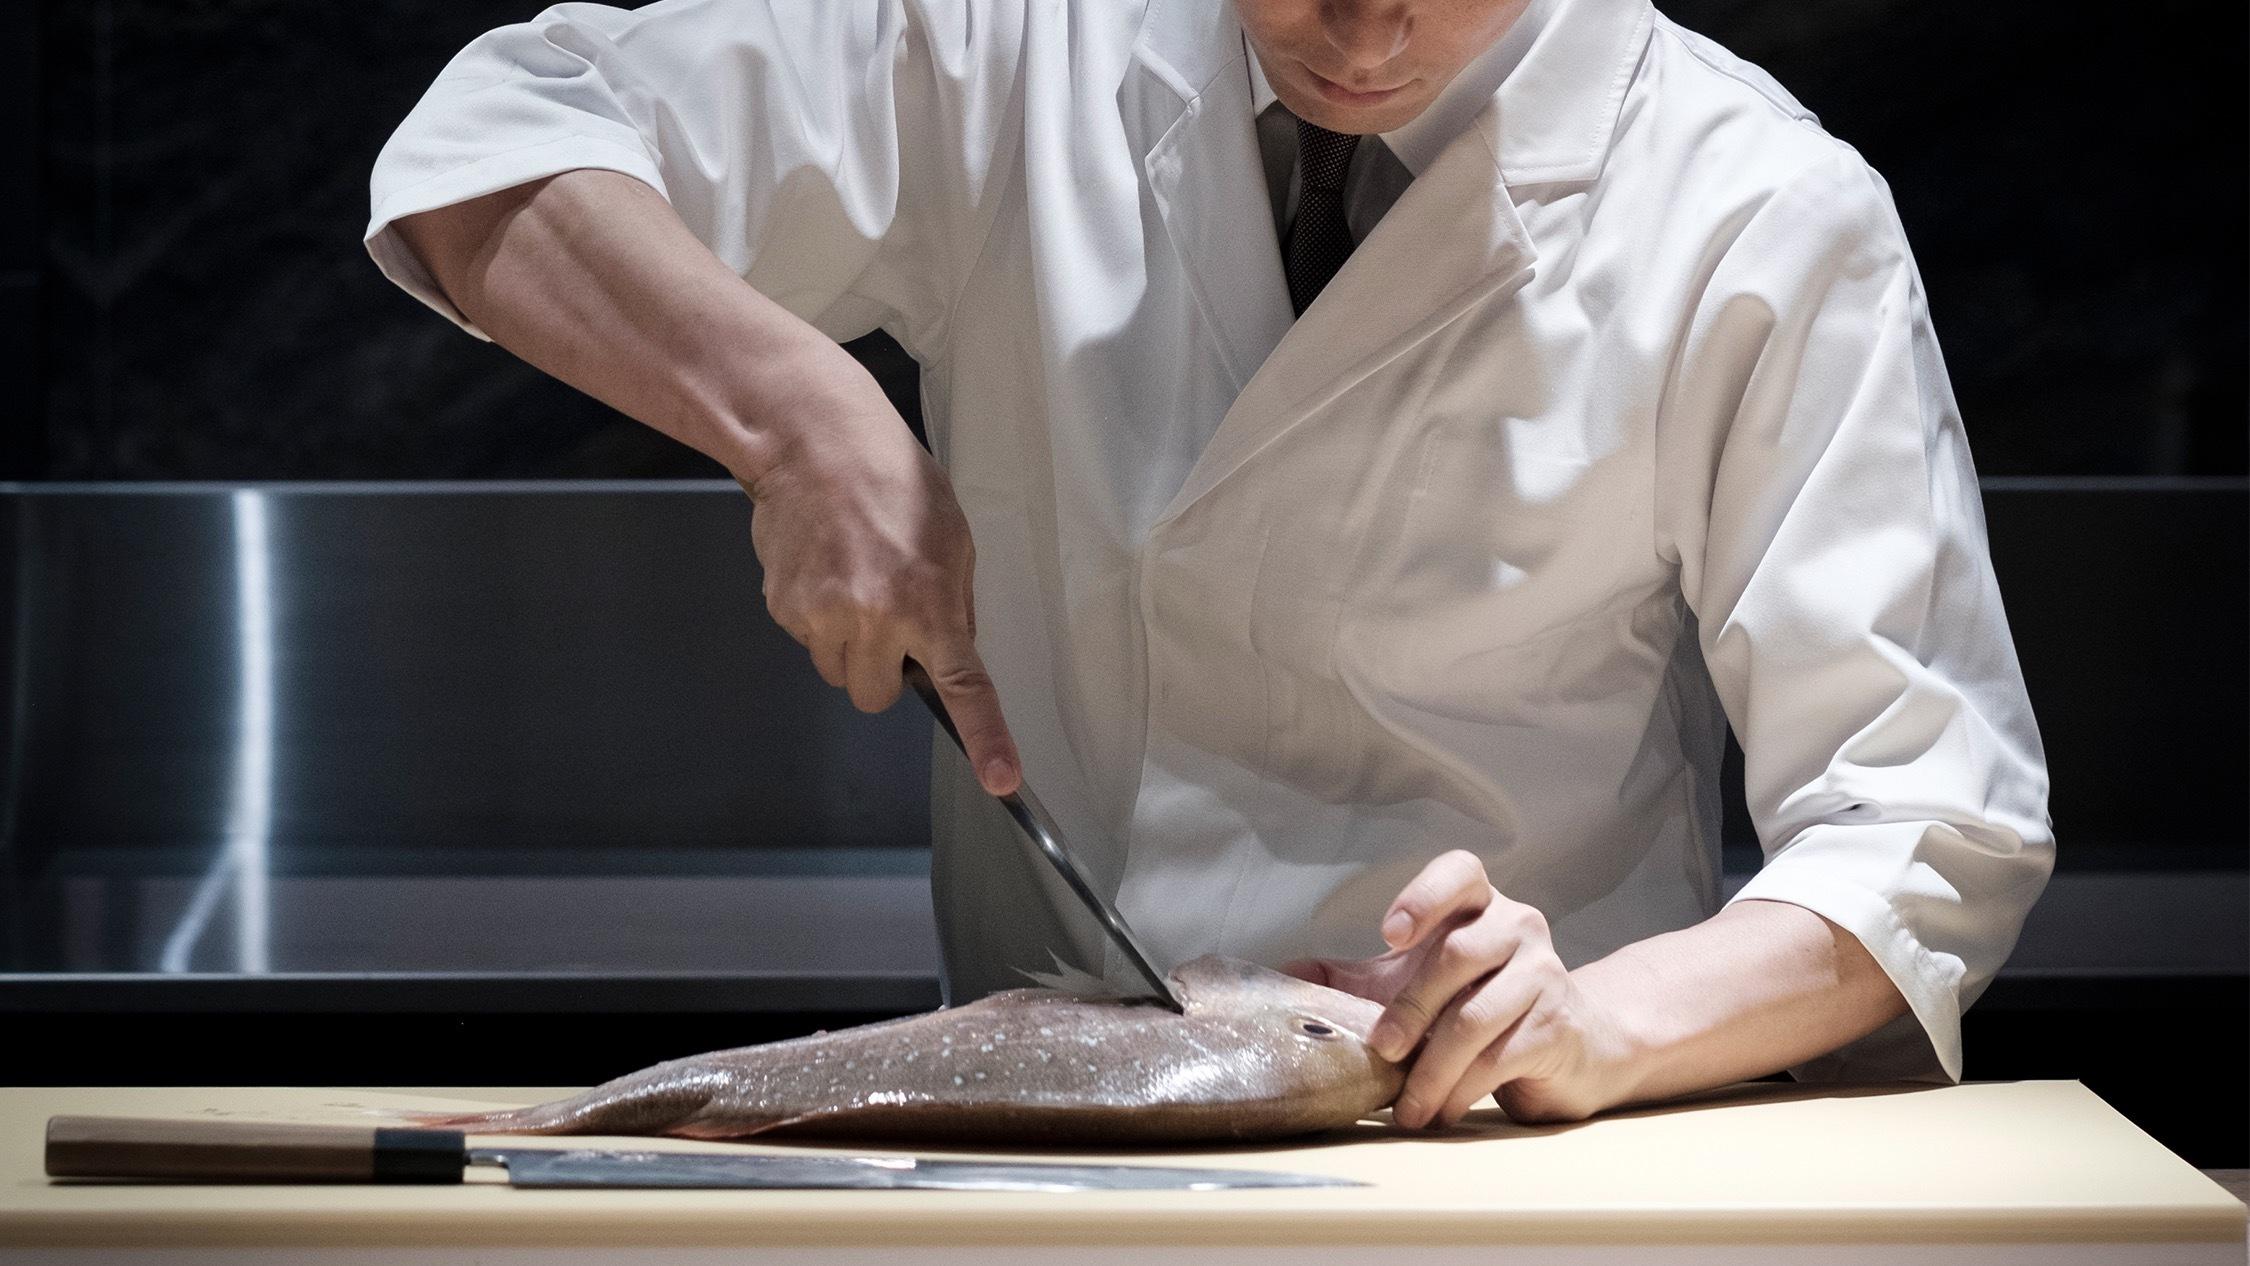 Cutting fish at Ishizuka